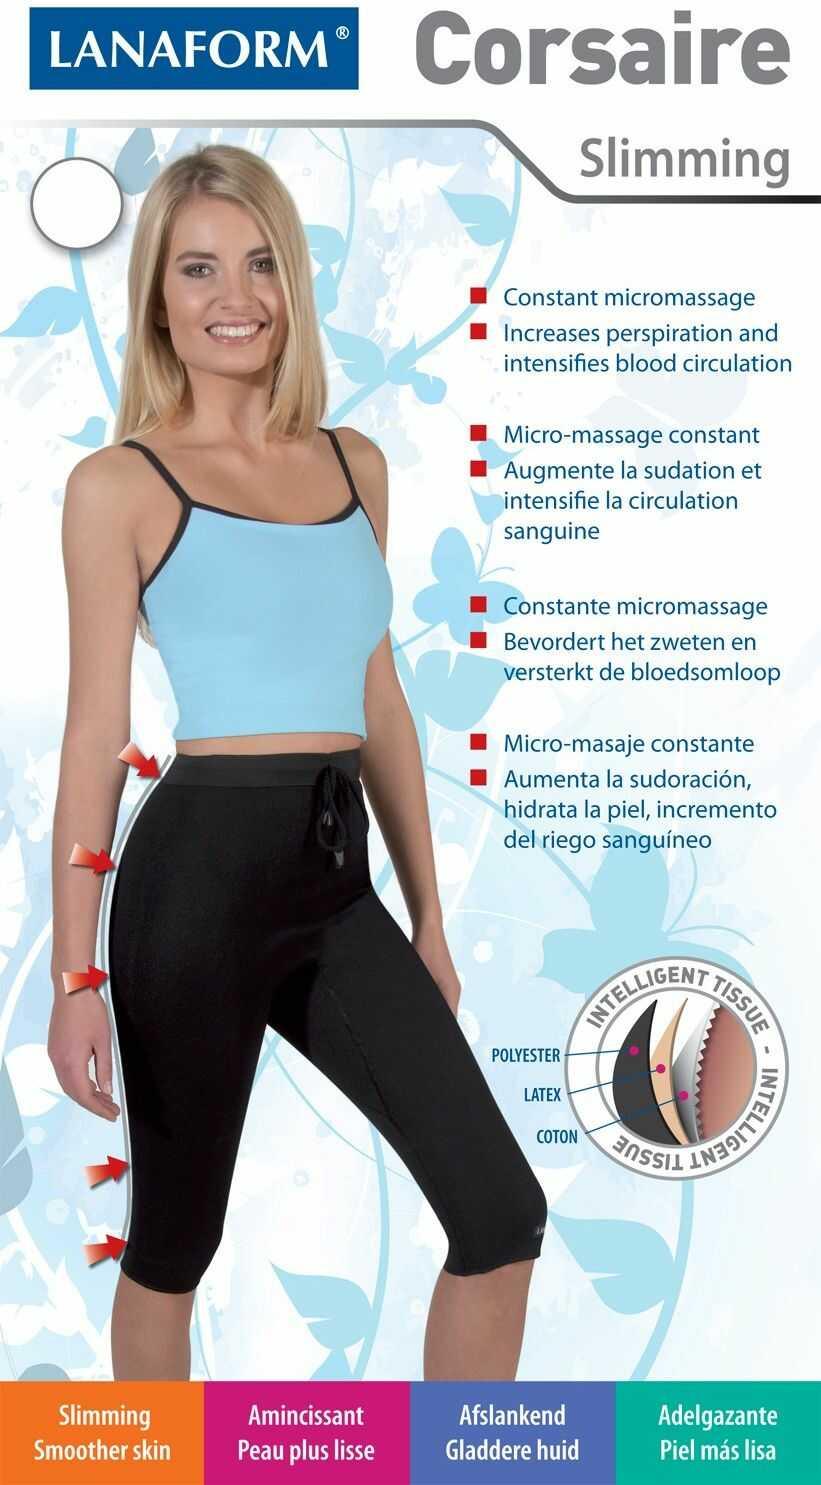 Spodnie wyszczuplajace Lanaform Corsaire